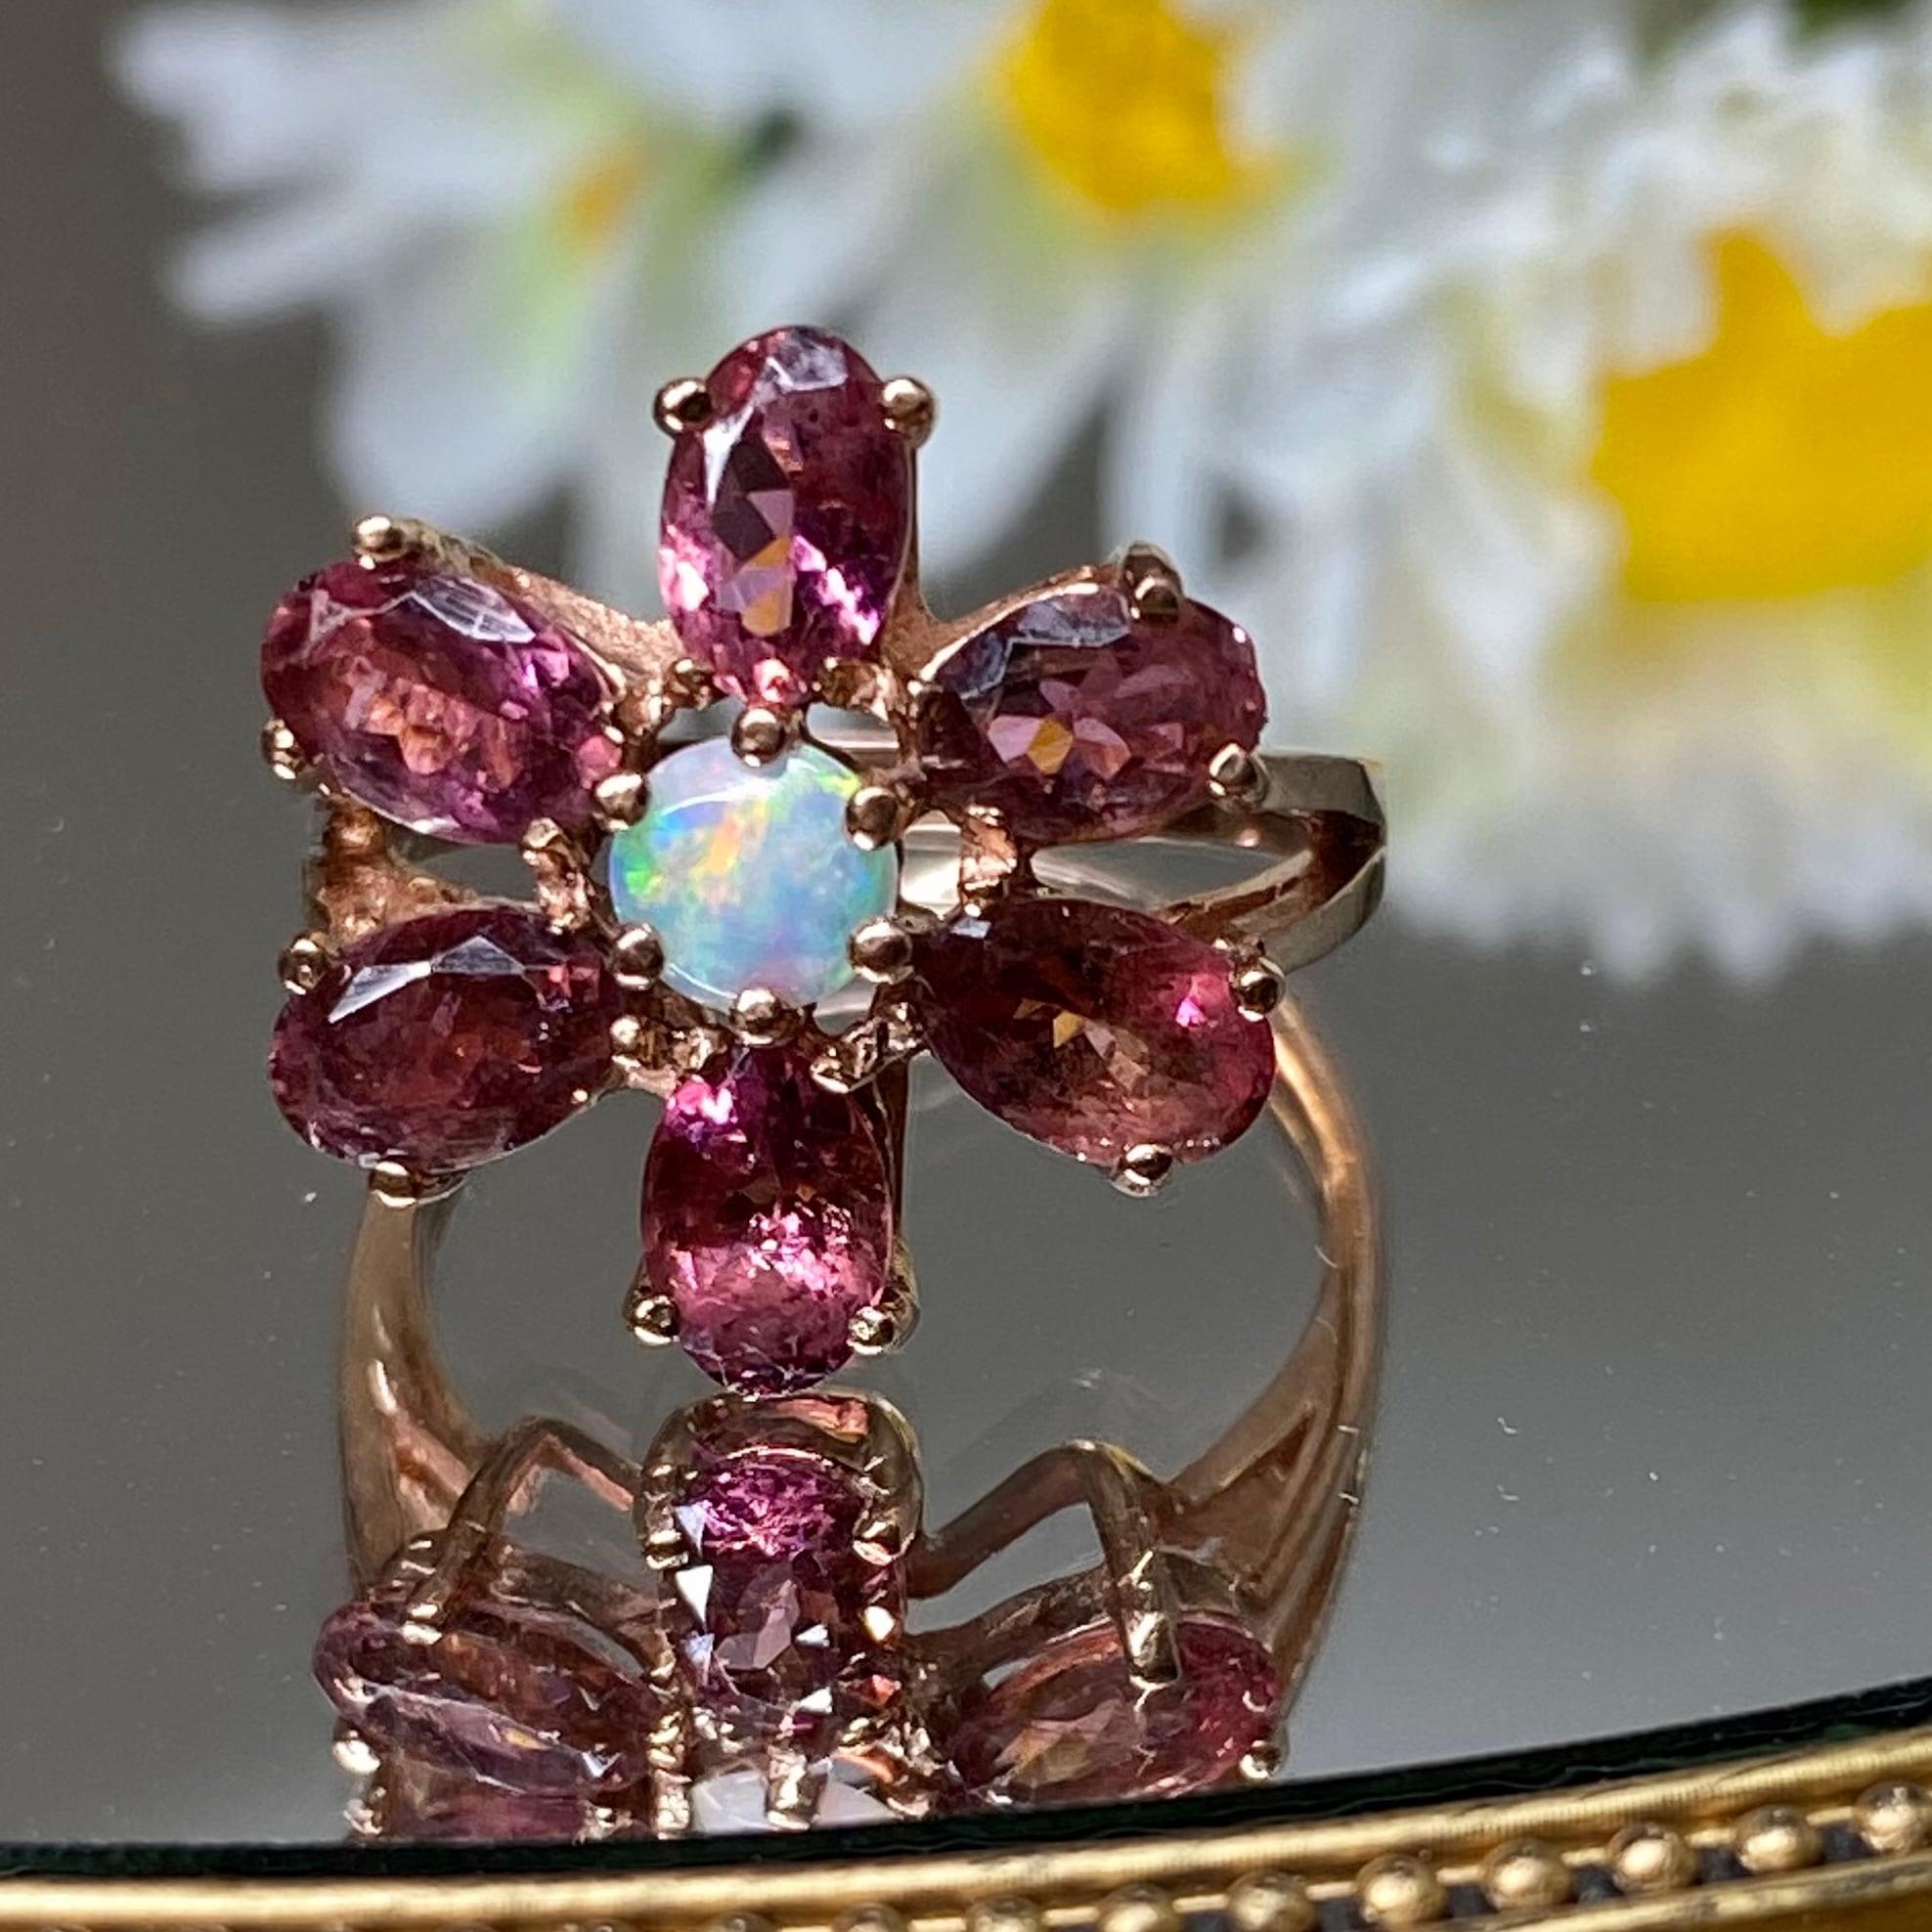 イギリス1961年製 ヴィンテージリング 目の覚めるような美しいローズゴールド 指輪 ピンクトパーズ オパール